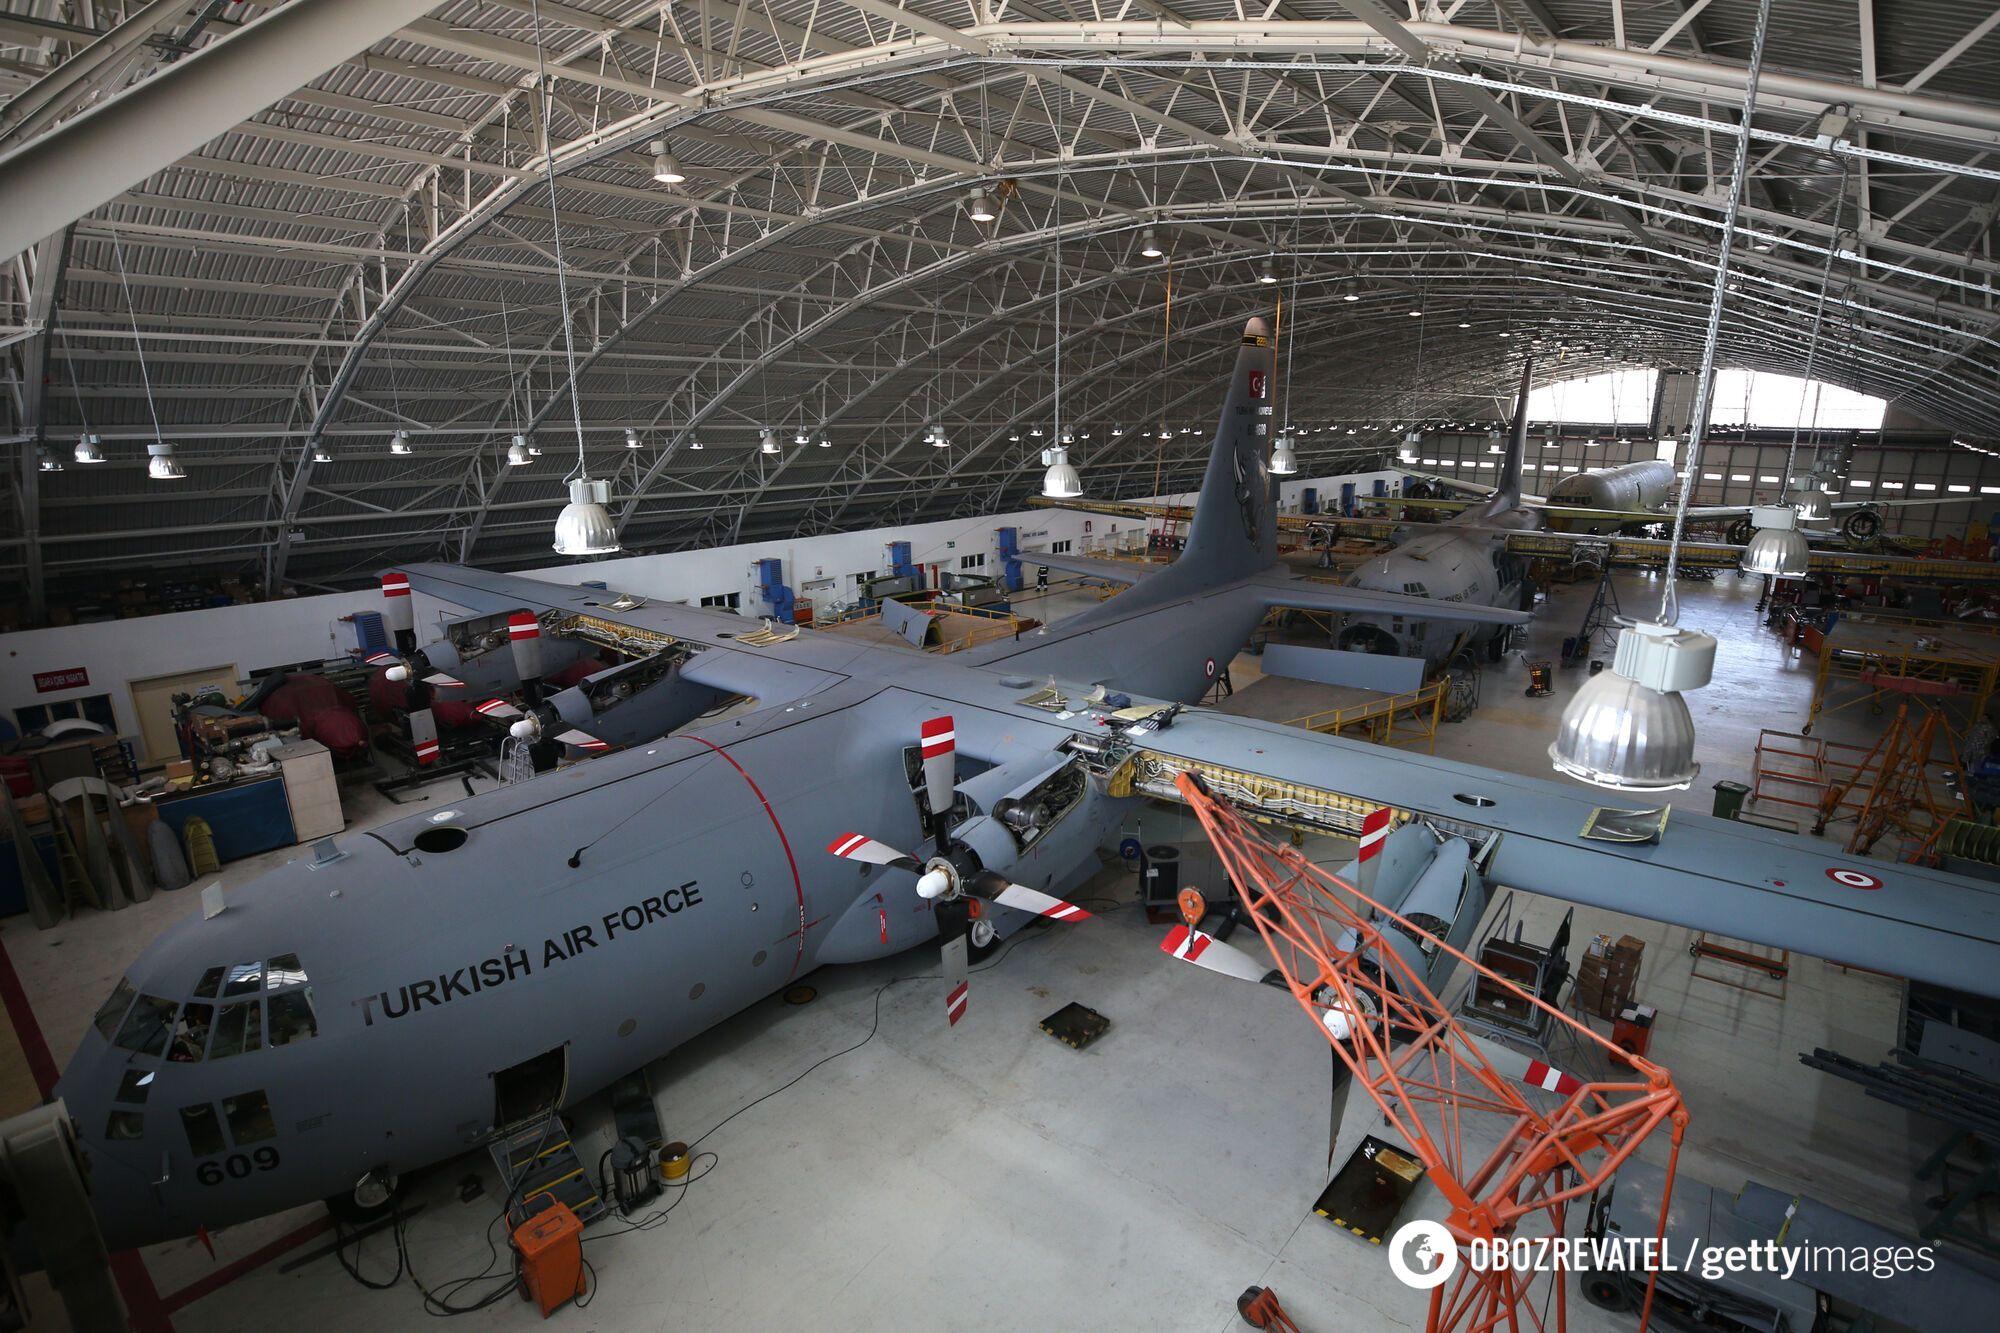 Инженеры и техники оснащают 60-летние самолеты C-130 Hercules (ВВС Турции) новейшими бортовыми устройствами